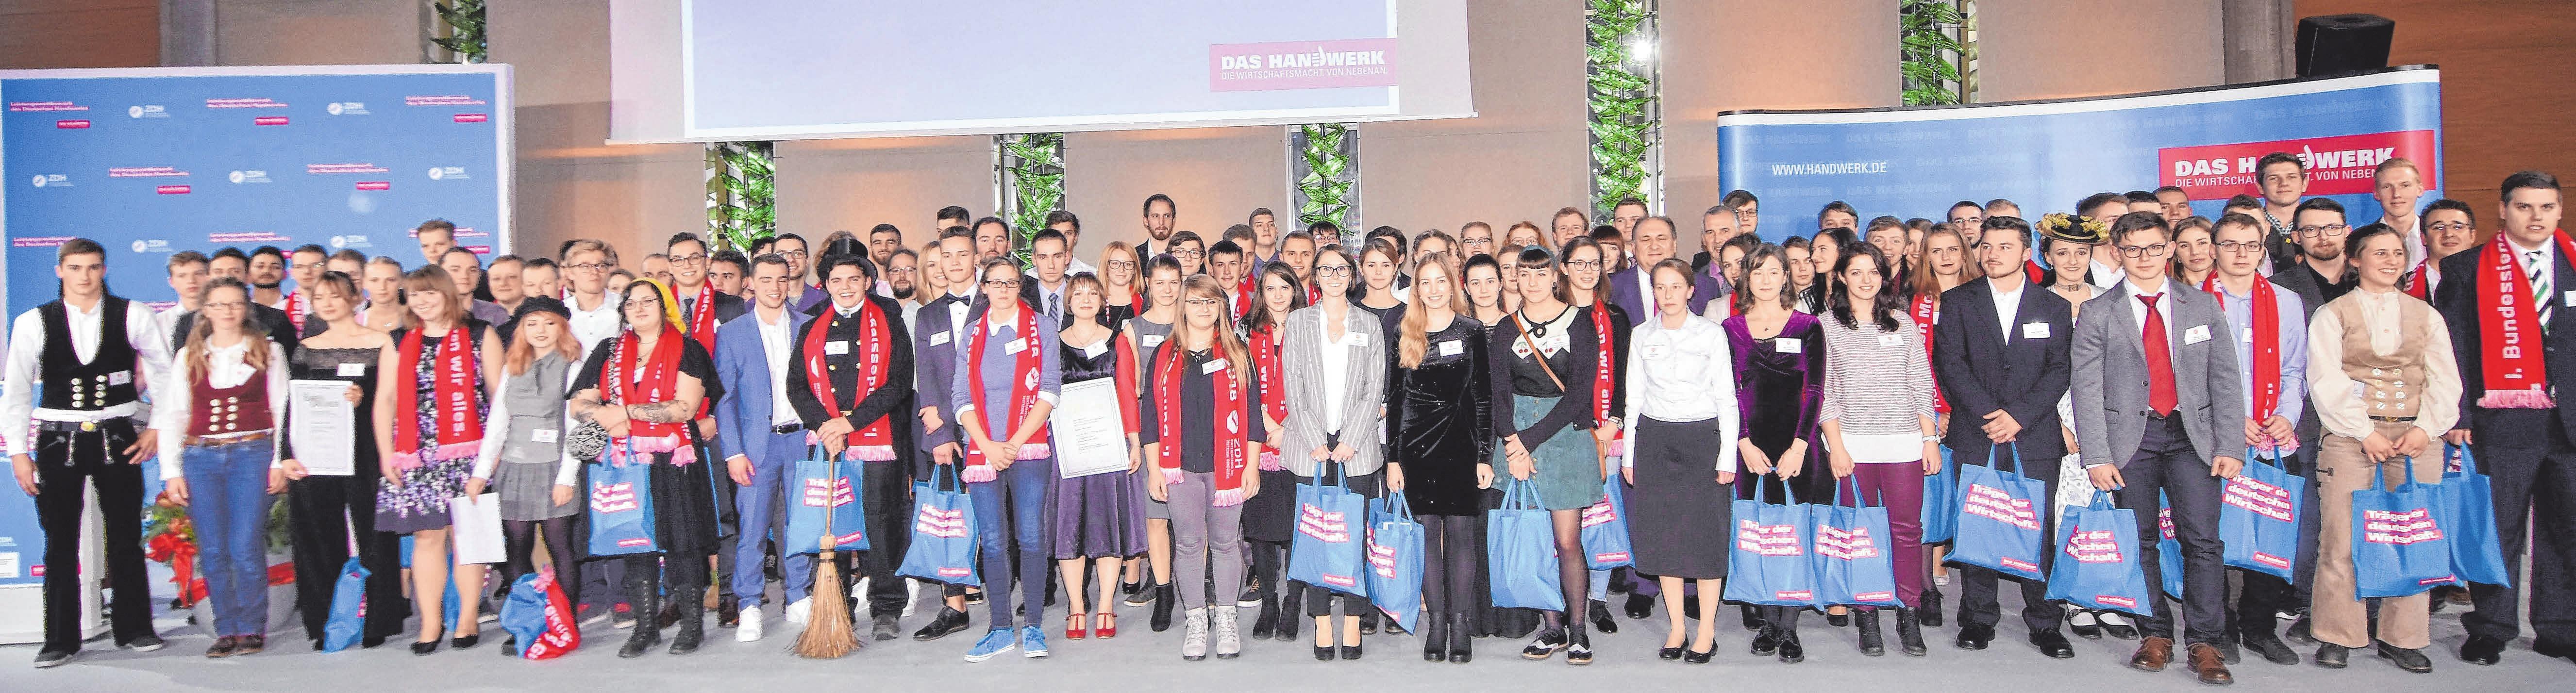 Die nächste Generation – unter diesem Titel fand der diesjährige Leistungswettbewerb des Deutschen Handwerks statt. FOTO: ZDH/BILDSCHÖN